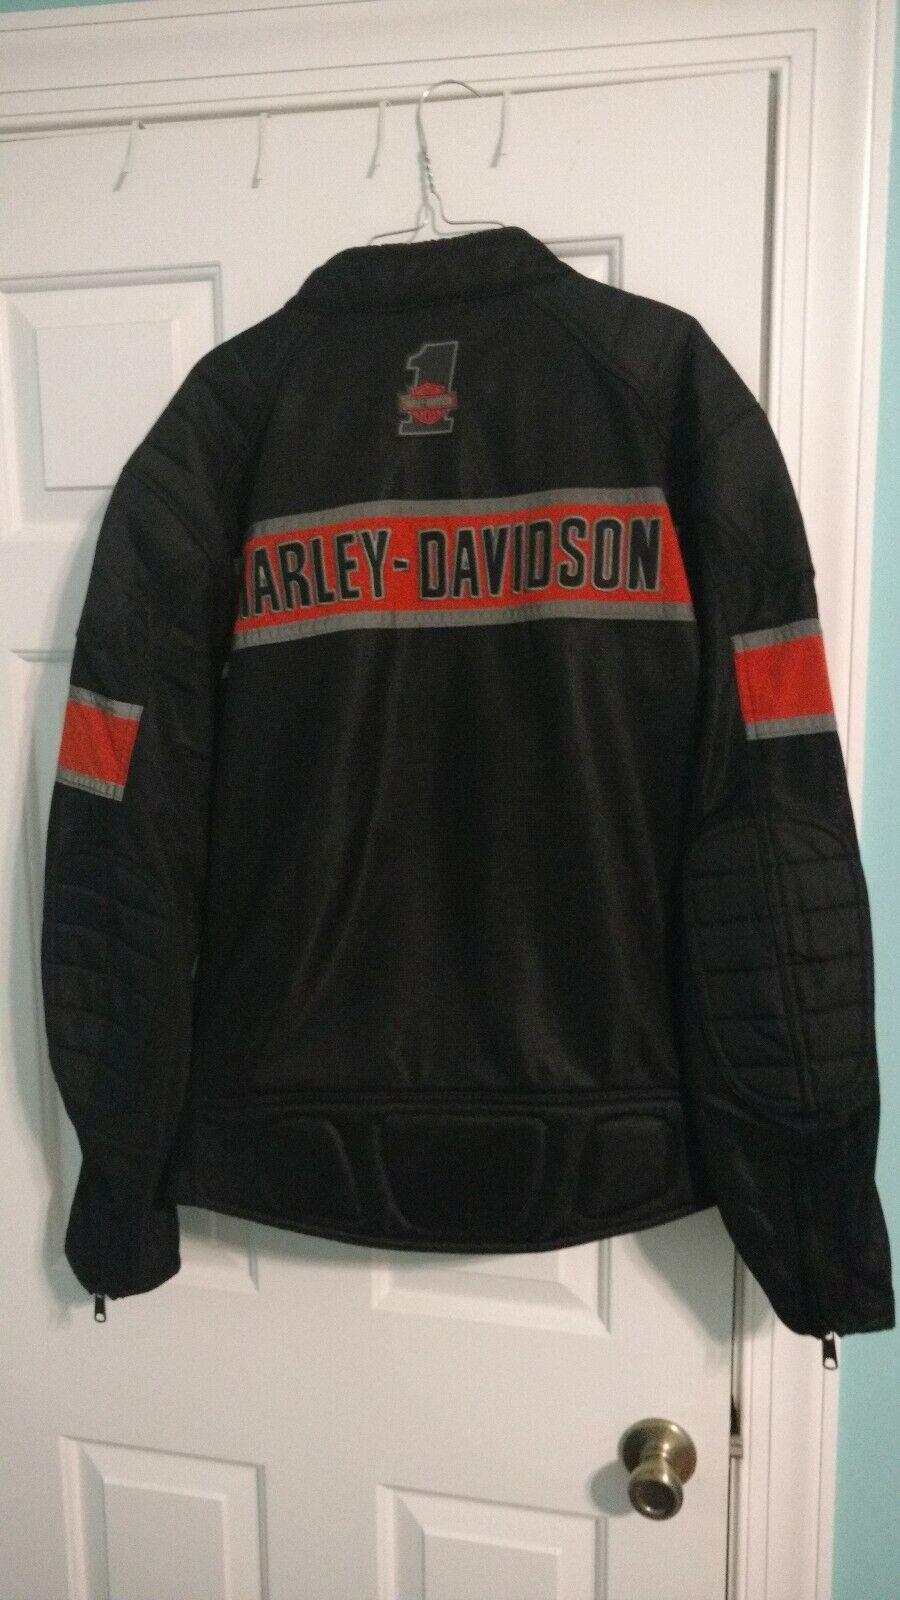 Harley Davidson Equitación jaket XL y tamaño 12 botas de montar